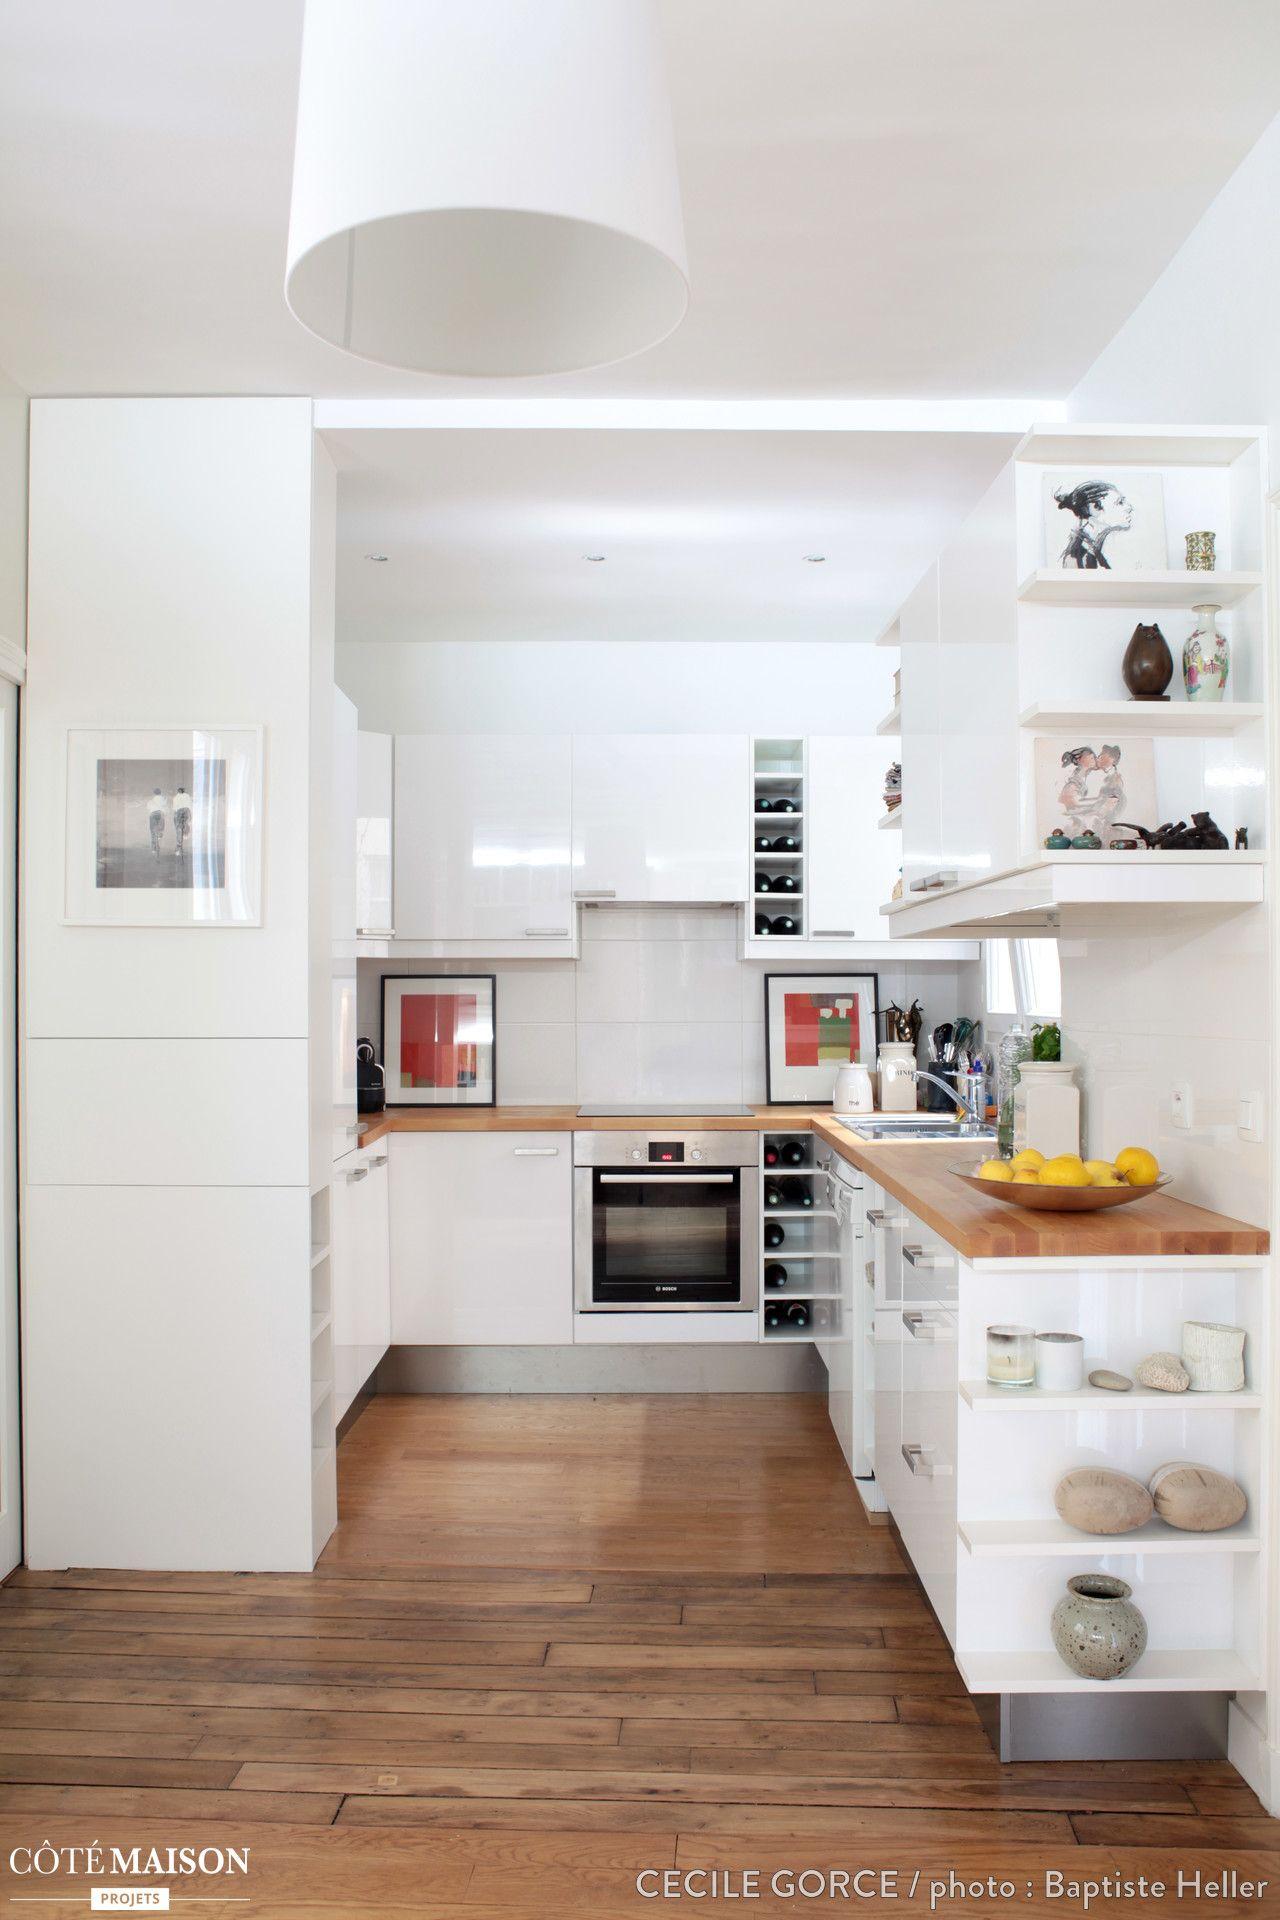 R novation compl te d 39 un appartement paris c cile gorce - Architecte interieur paris petite surface ...